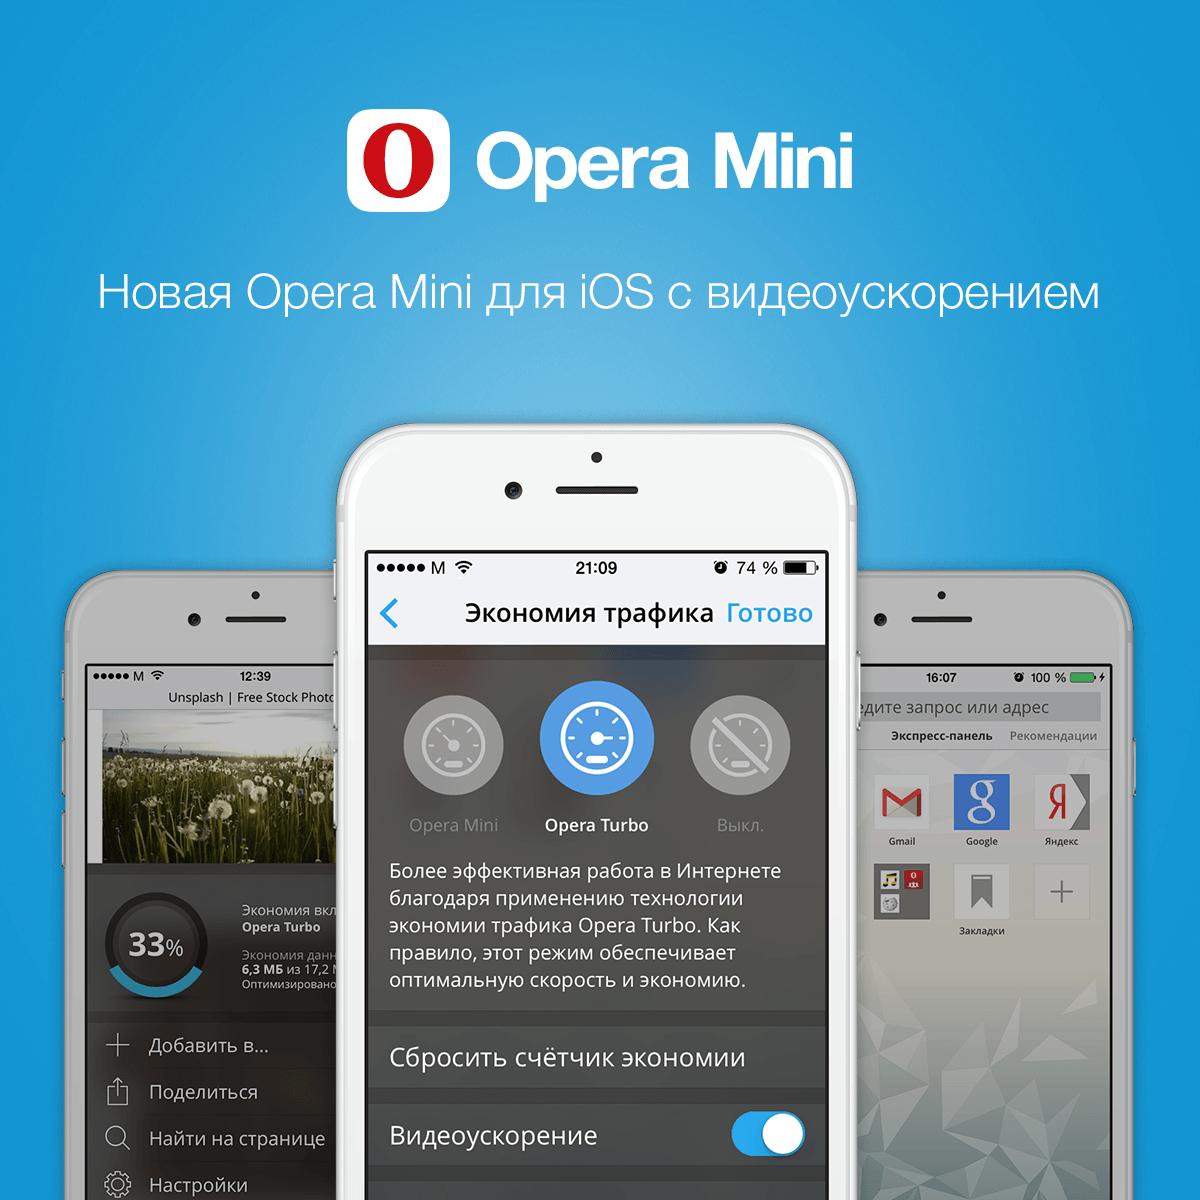 Opera Mobile 12 и Opera Mini Next стали умнее и ближе к социальным сетям